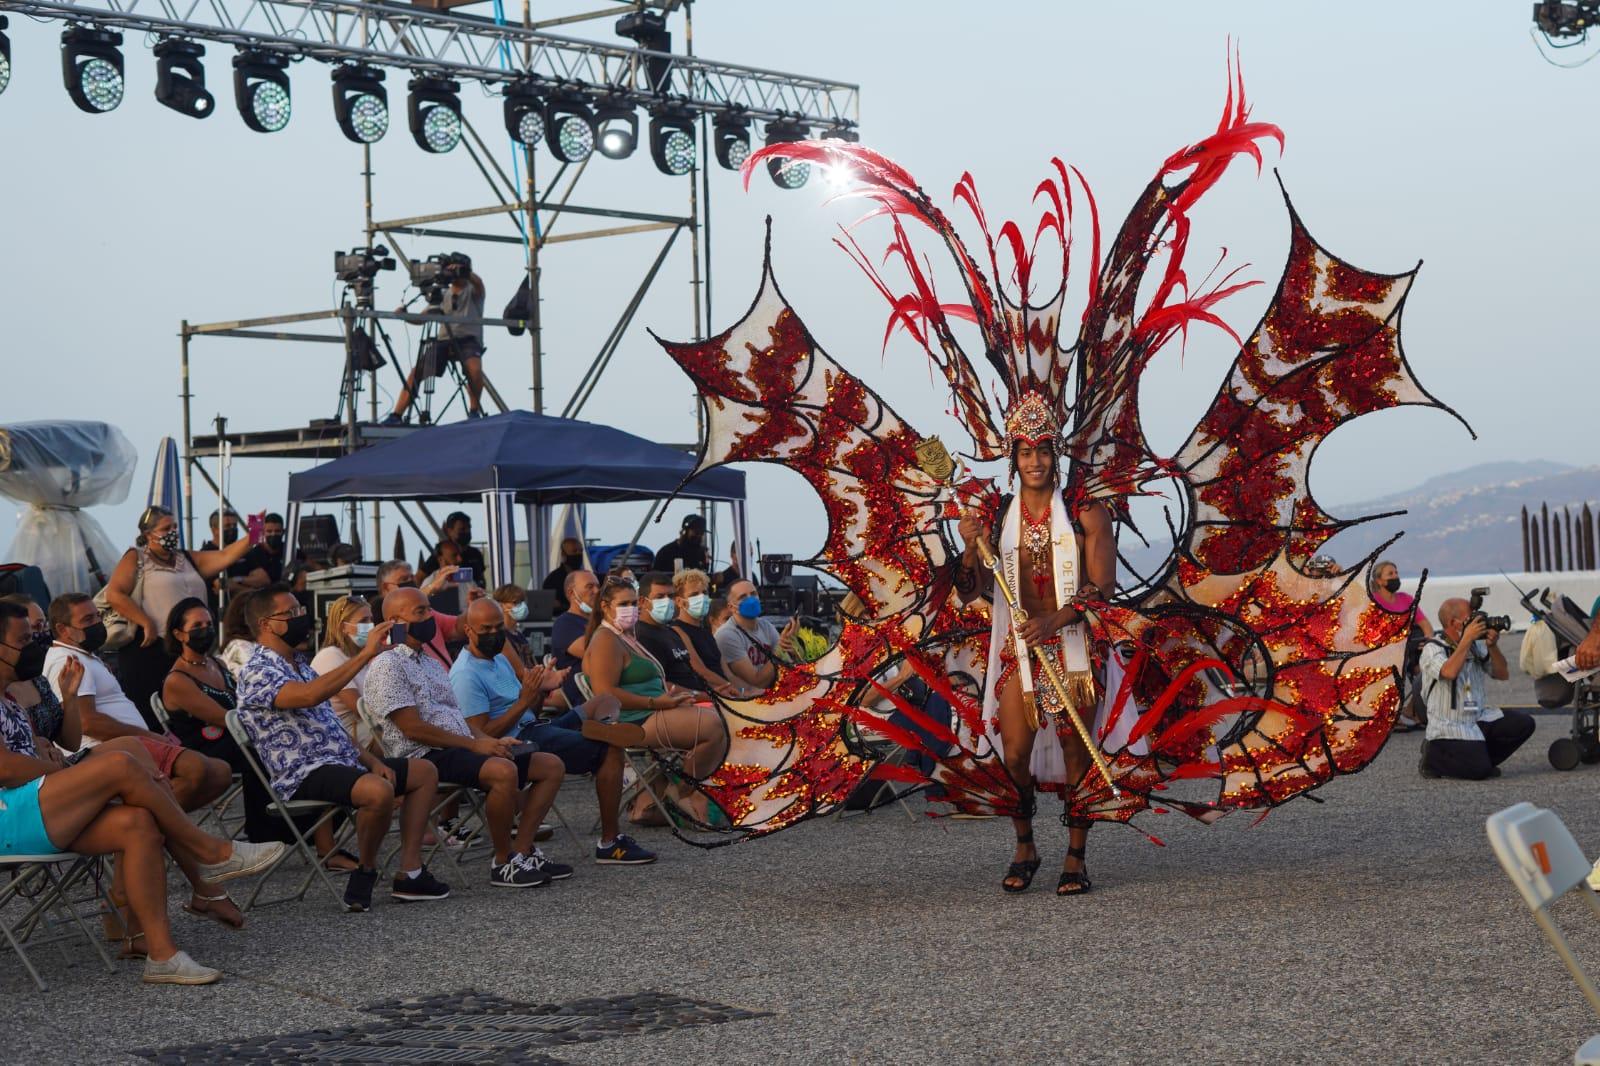 Carnaval de Verano de Tenerife. Puerto de La Cruz. Tenerife/ canariasnoticias